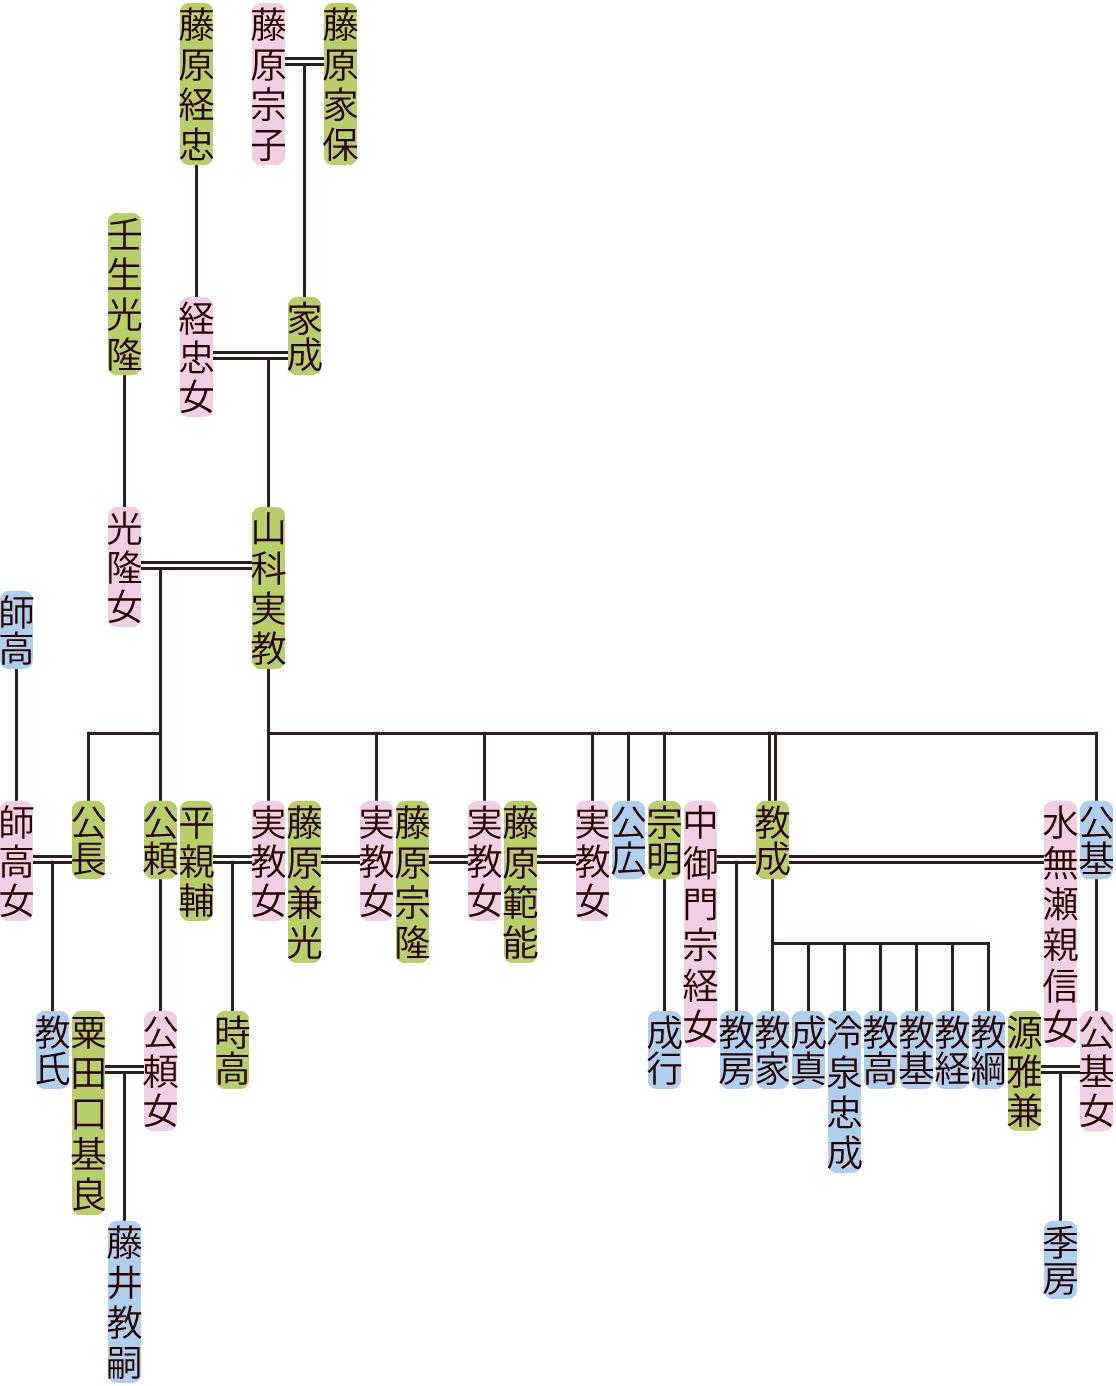 山科実教の系図